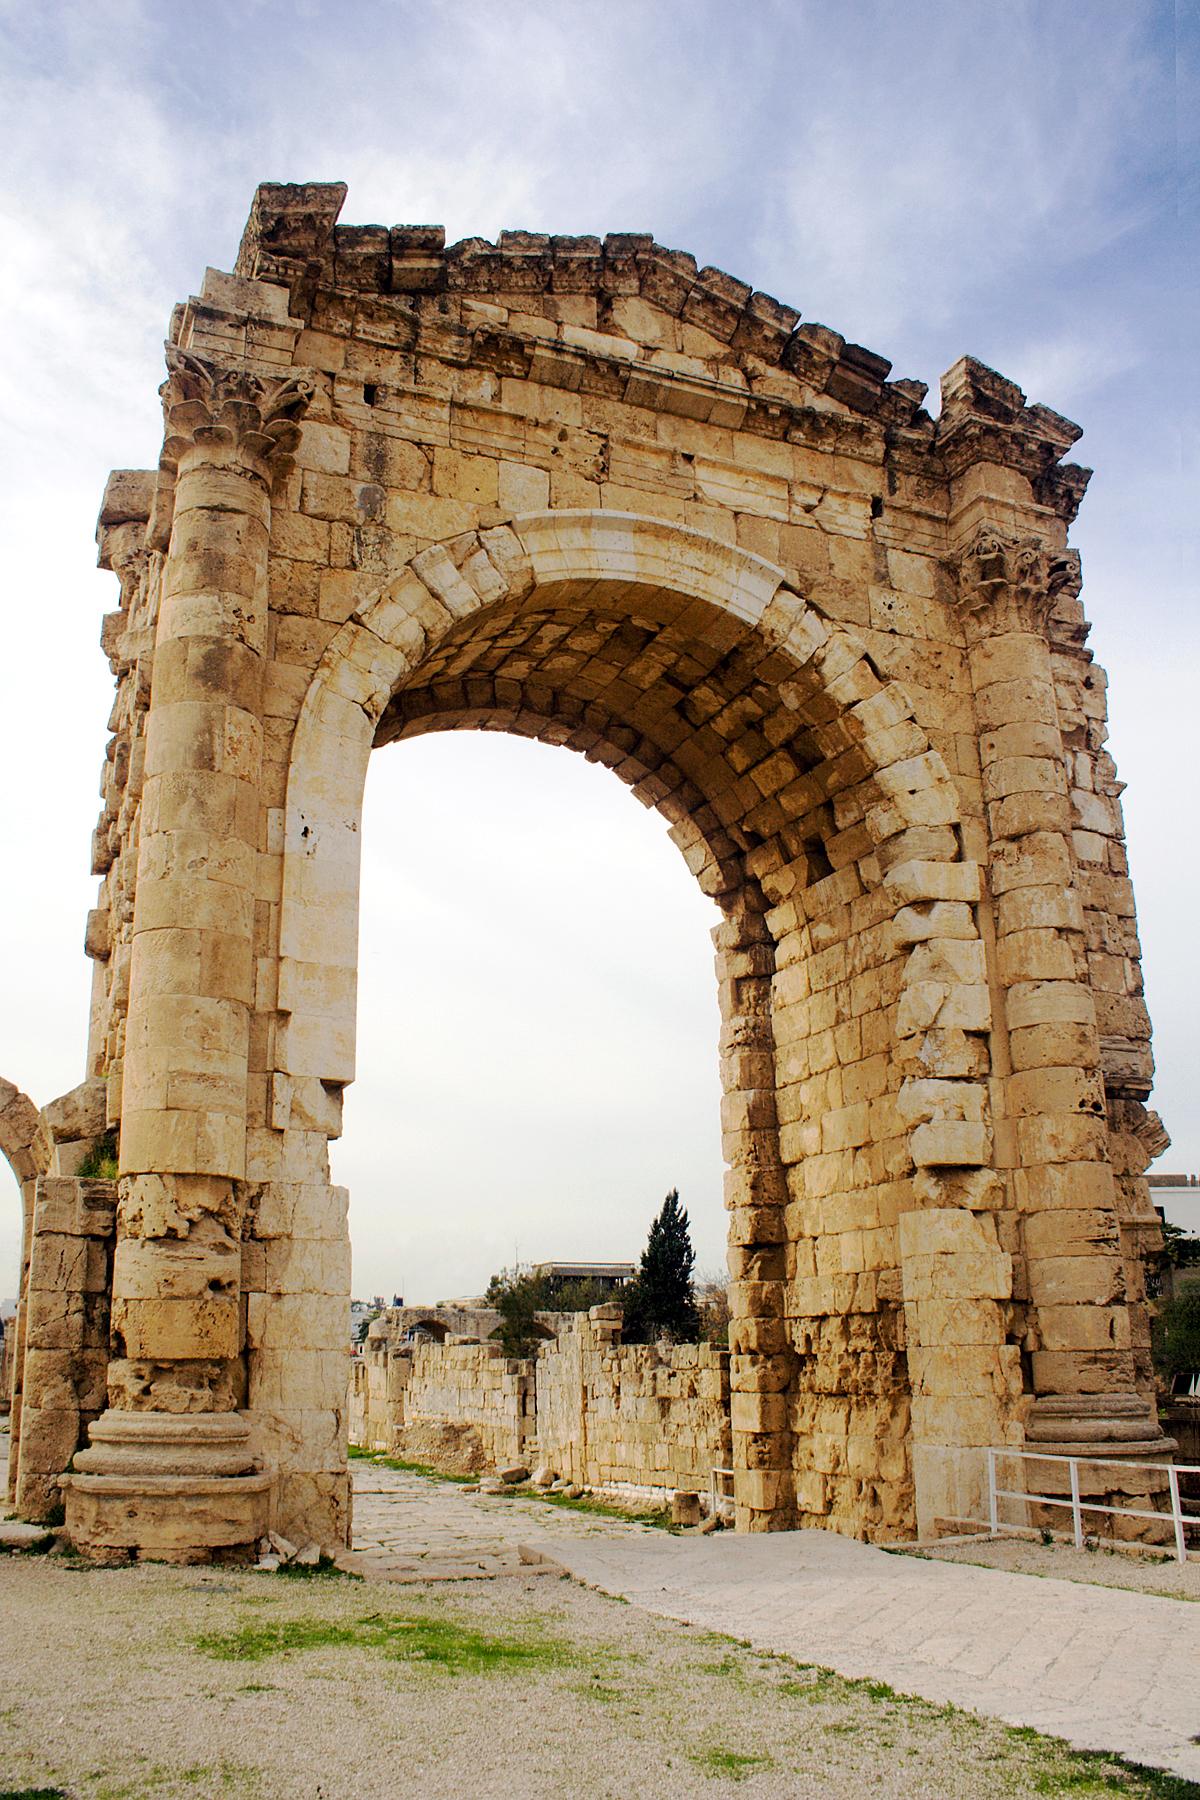 Ambas ciudades exponen ruinas que demuestran los siglos de civilizaciones de las que han sido testigos. Los restos arqueológicos de estas ciudades son, por tanto, ante testigos mudos de la acción de Jesús. Y si para un cristiano Tierra Santa son los lugares visitados por el Señor, obviamente también lo es el Líbano.